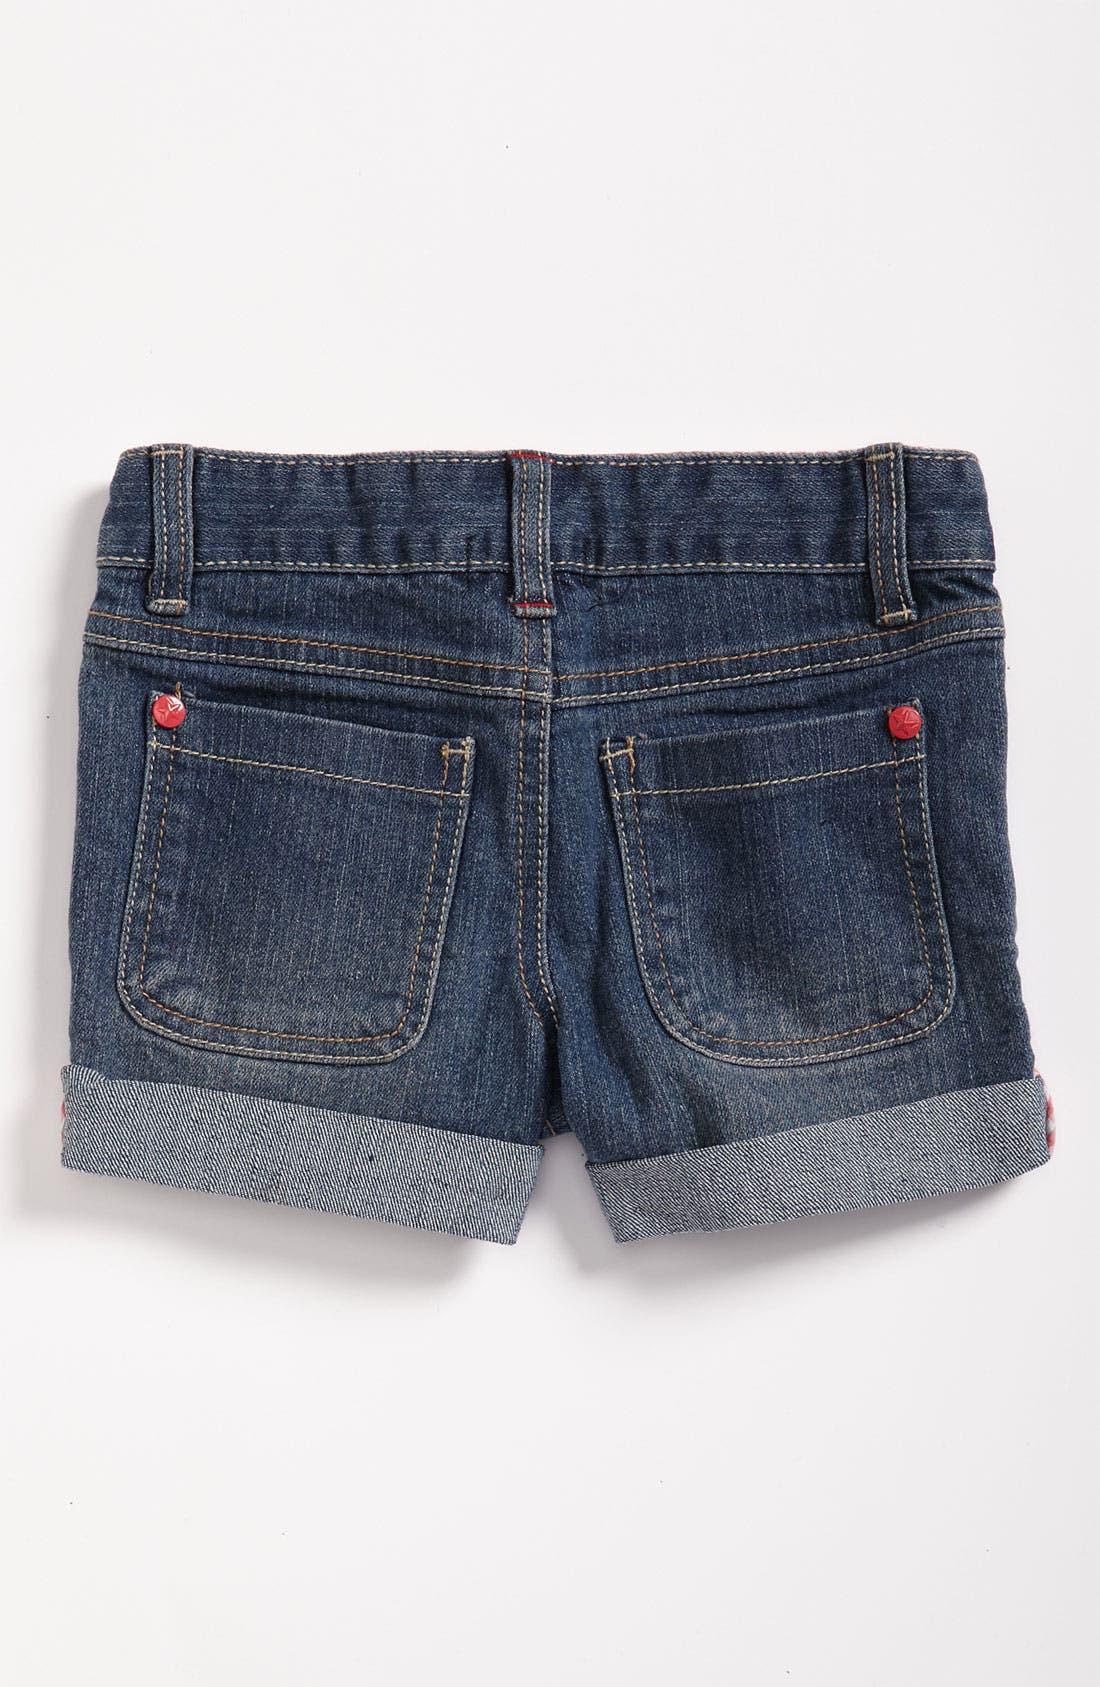 Main Image - Pumpkin Patch Denim Shorts (Infant)